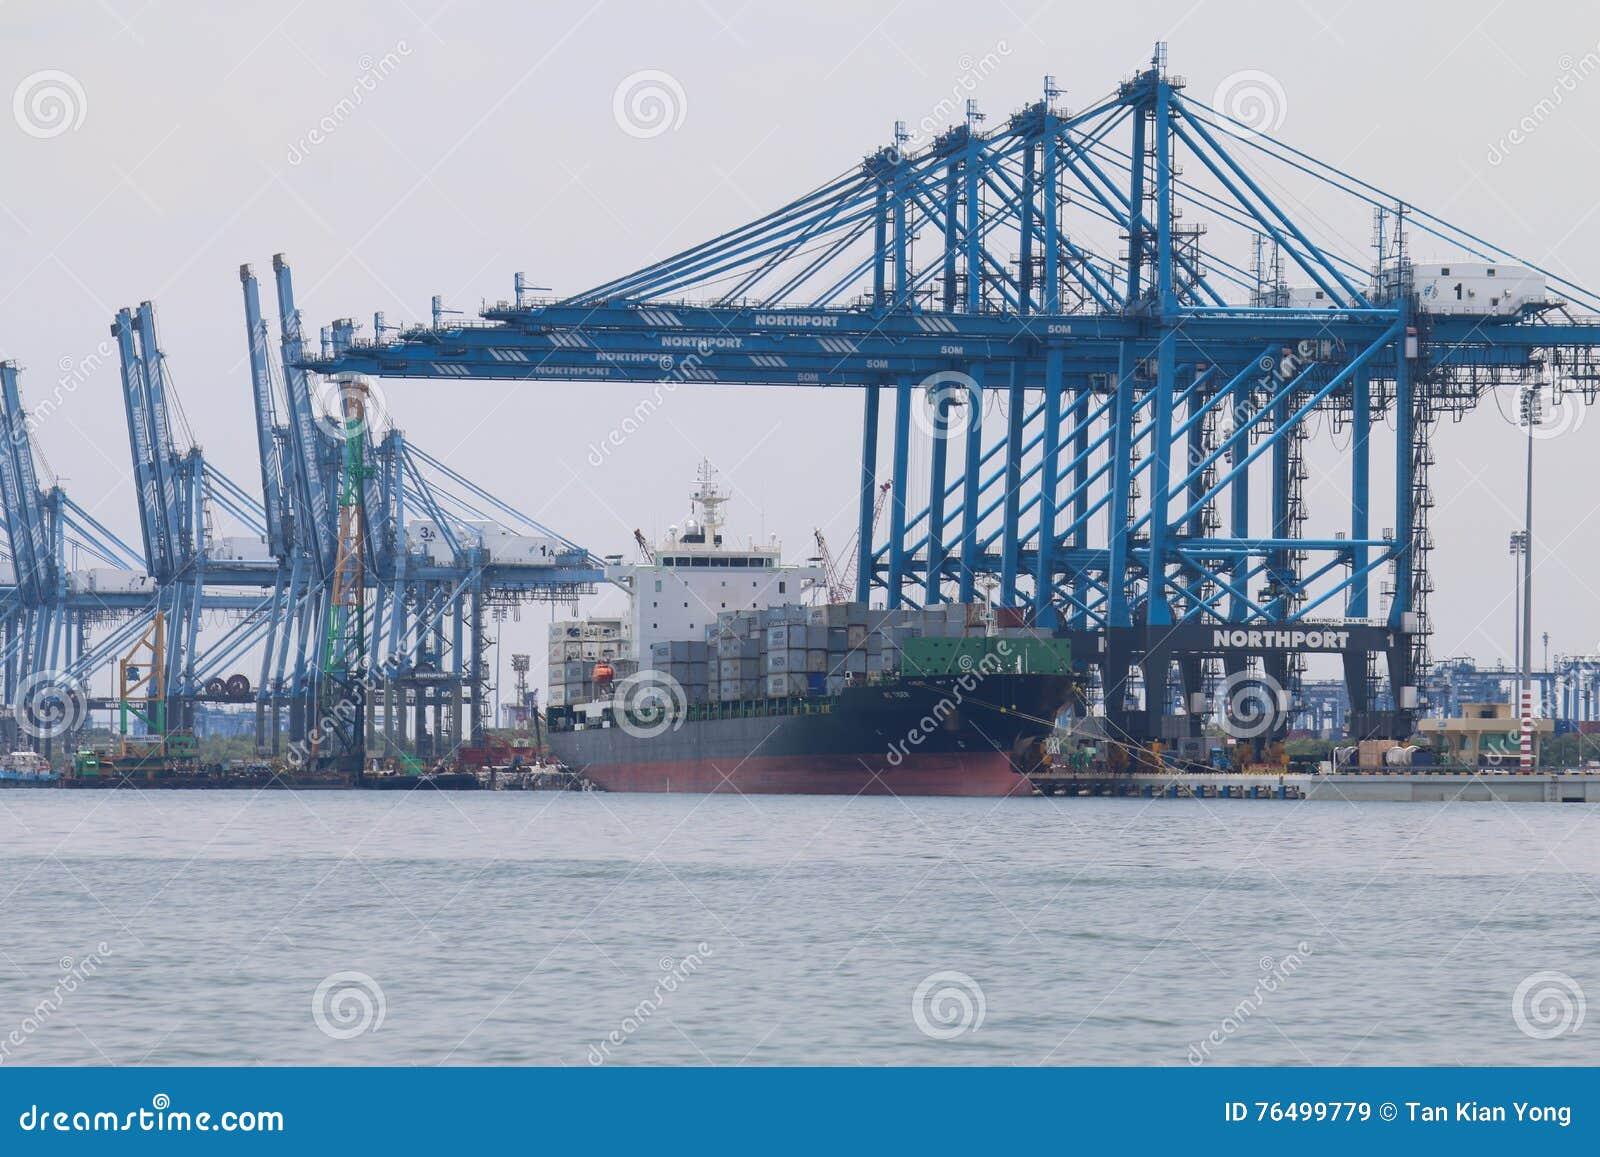 Ships at Northport, Klang, Malaysia - Series 3